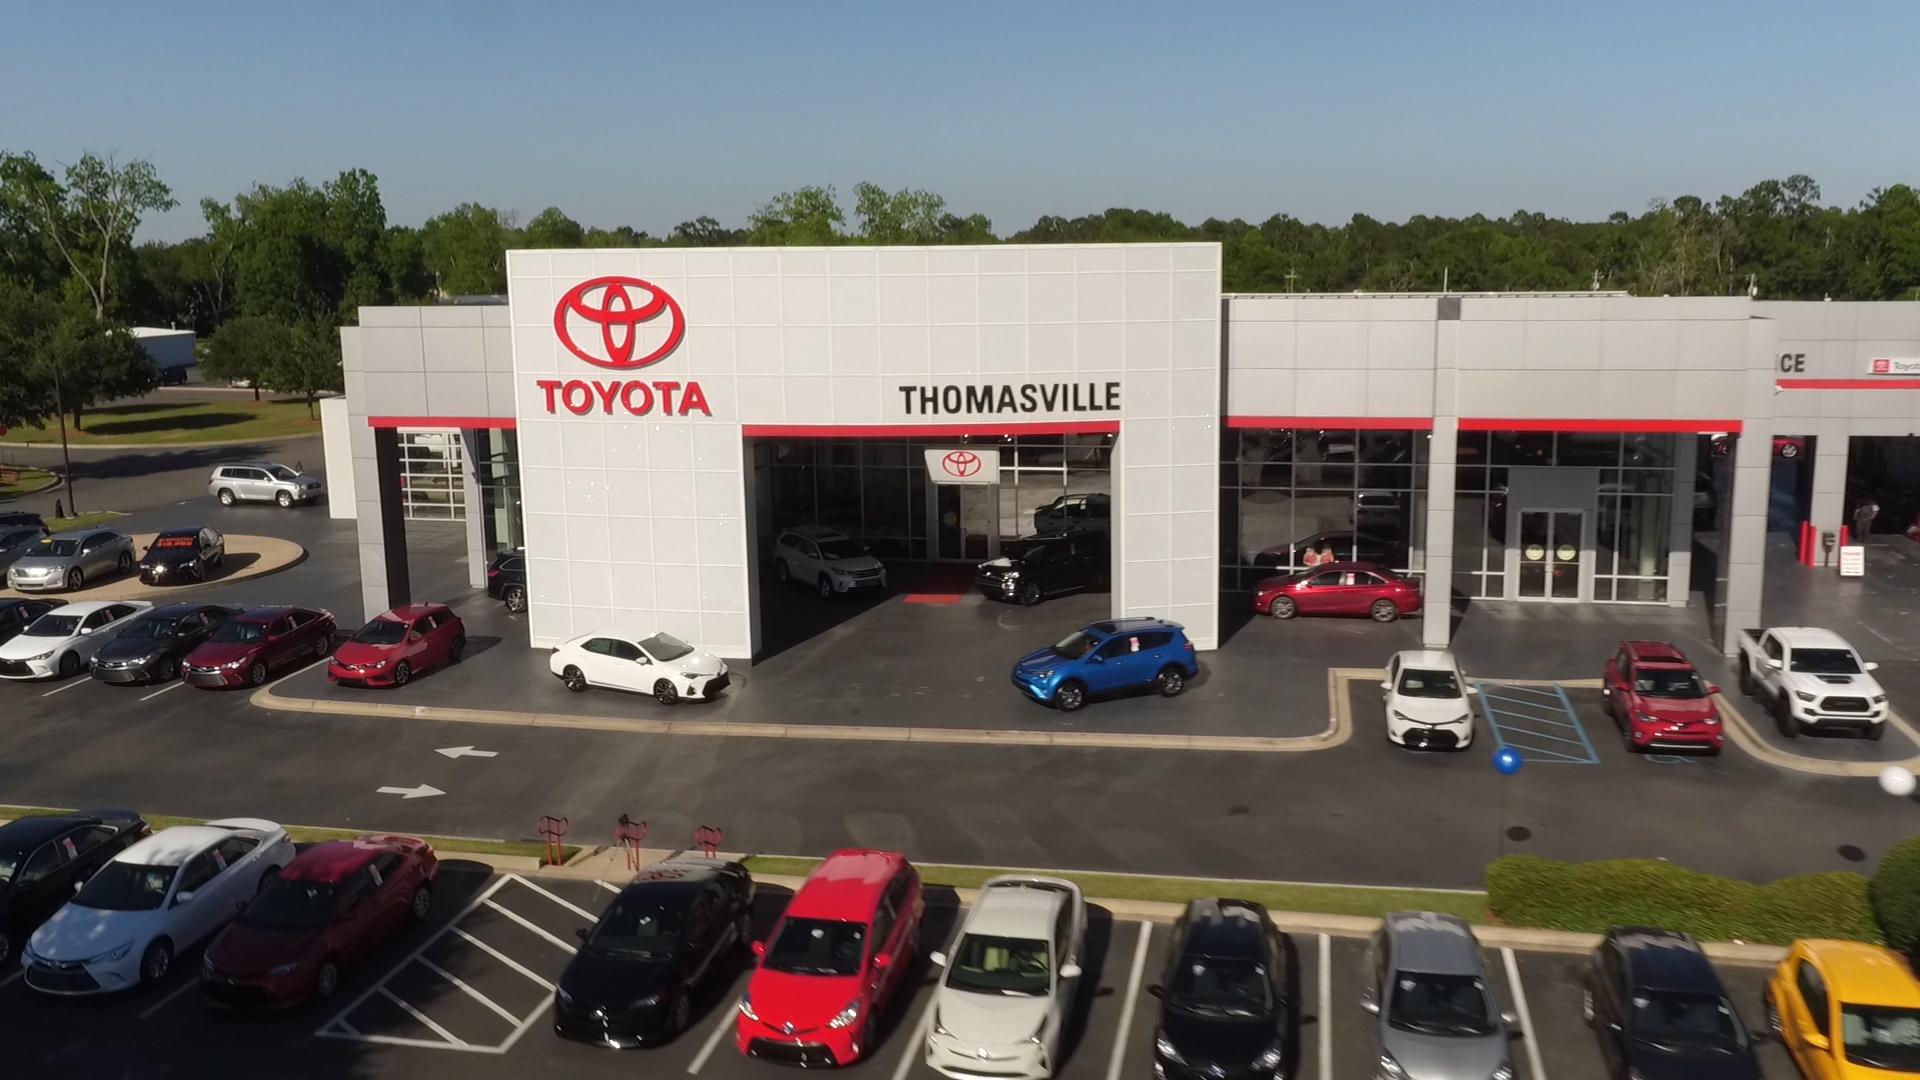 Thomasville Toyota near Bradfordville, FL